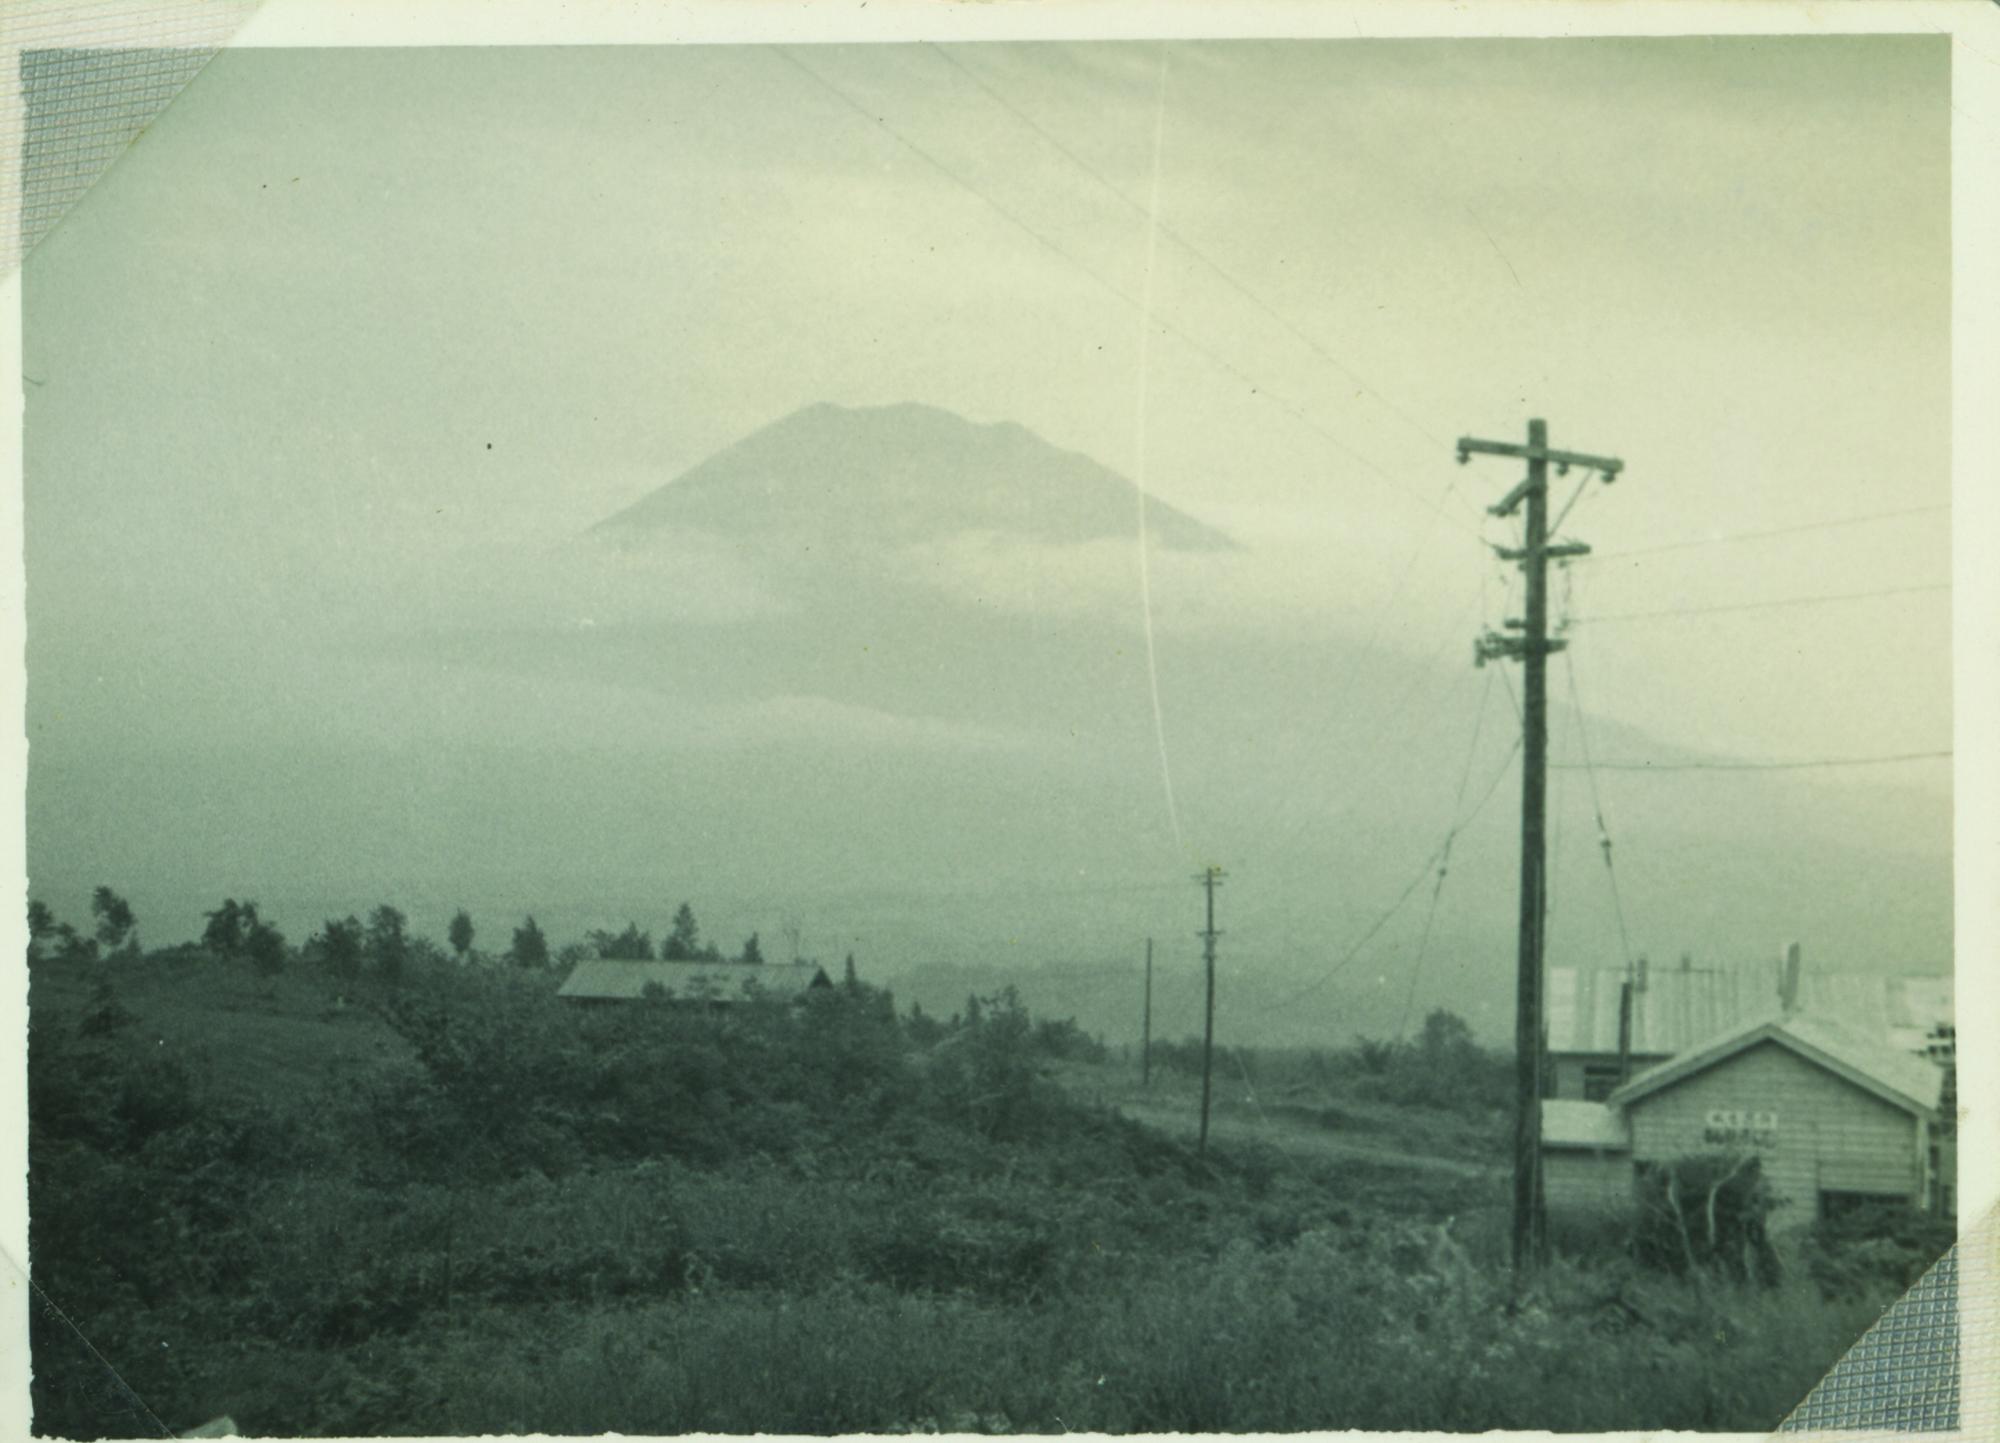 A true pioneer: Hirafu local Taeko Urano